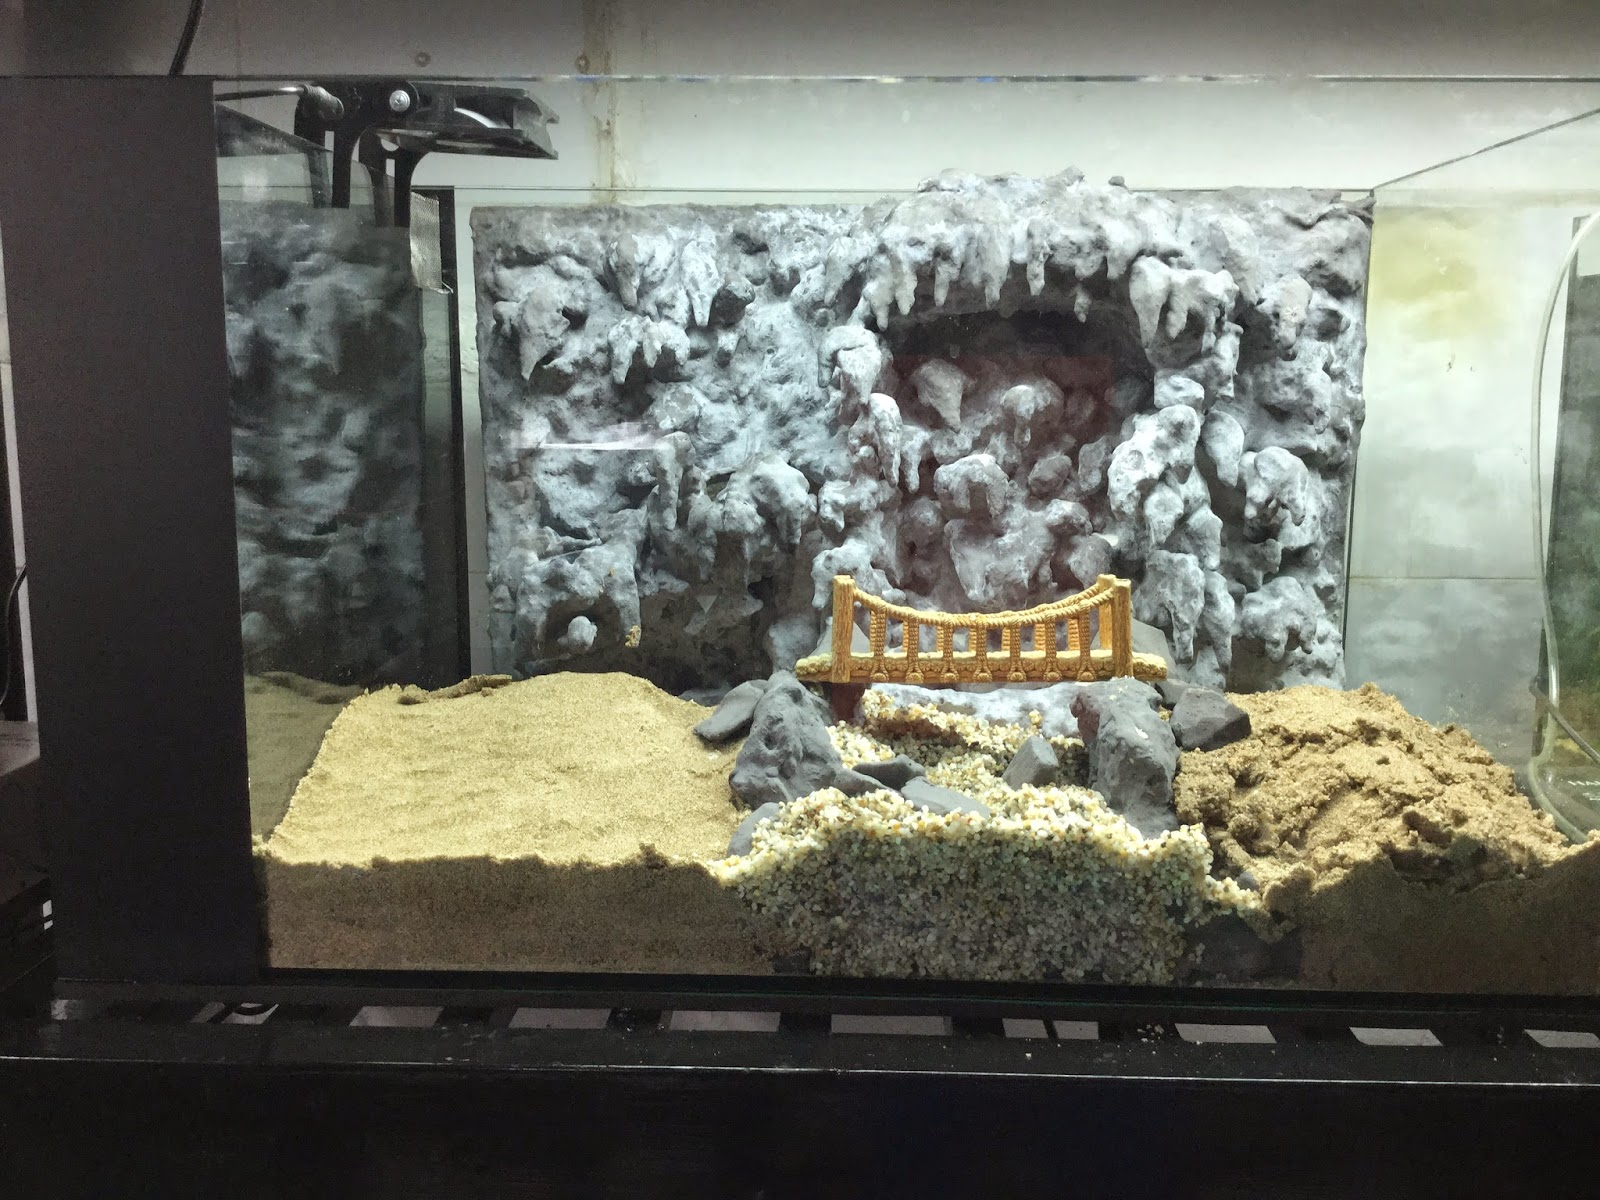 Hồ thủy sinh suối thác động thạch nhũ - phiên bản chưa trang trí